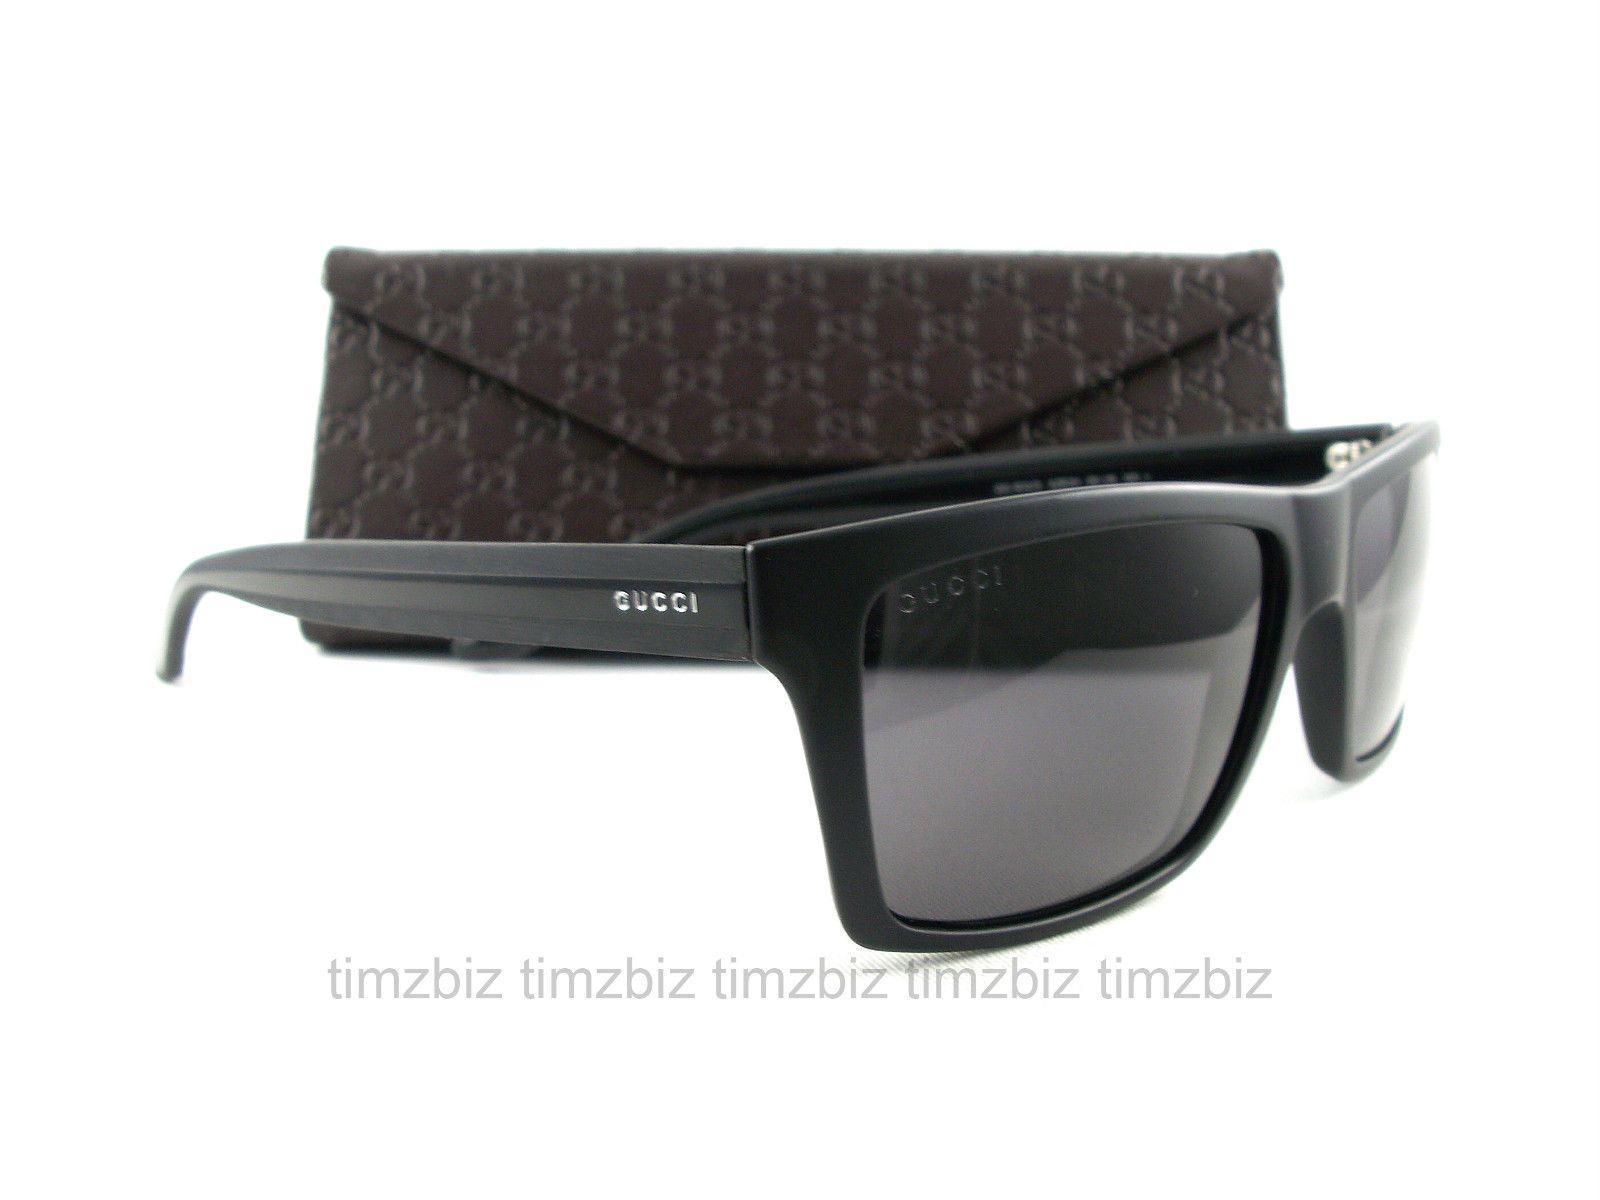 cca4d385836 New GUCCI Sunglasses GG 1013 S Black Polarized 52R3H Authentic ...